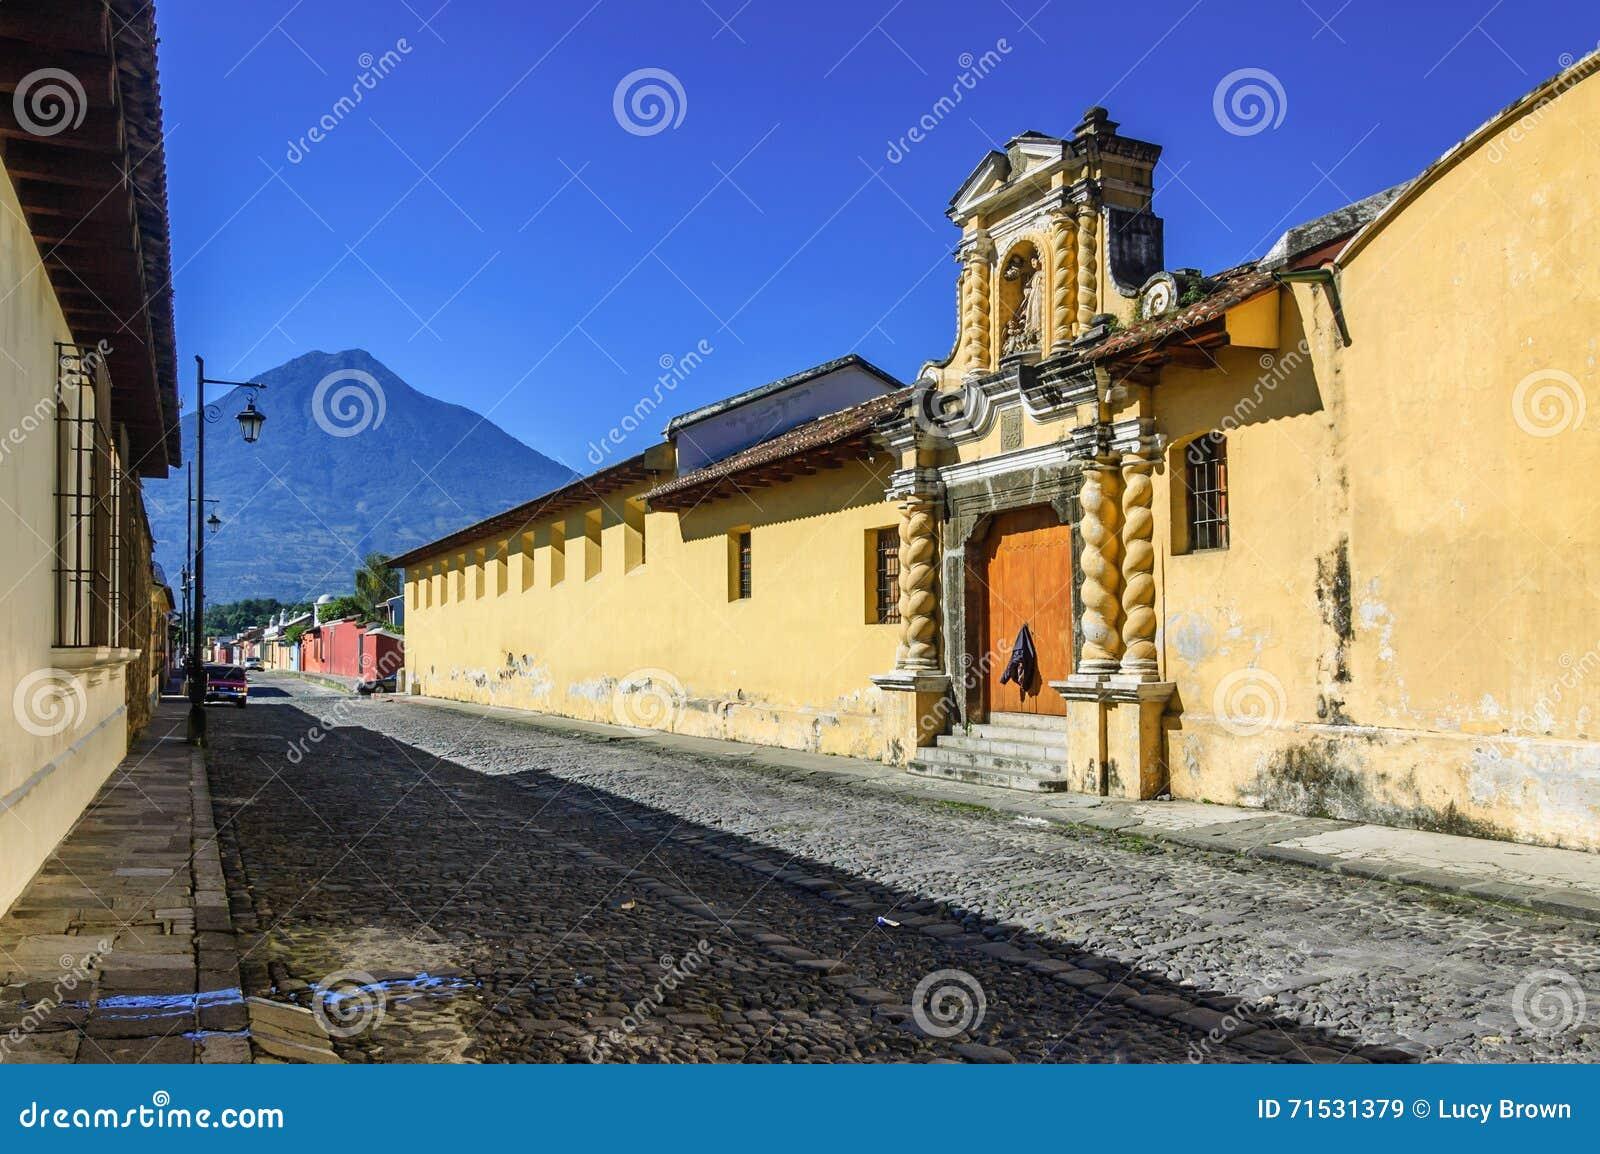 Agua volcano & cobblestone street, Antigua, Guatemala